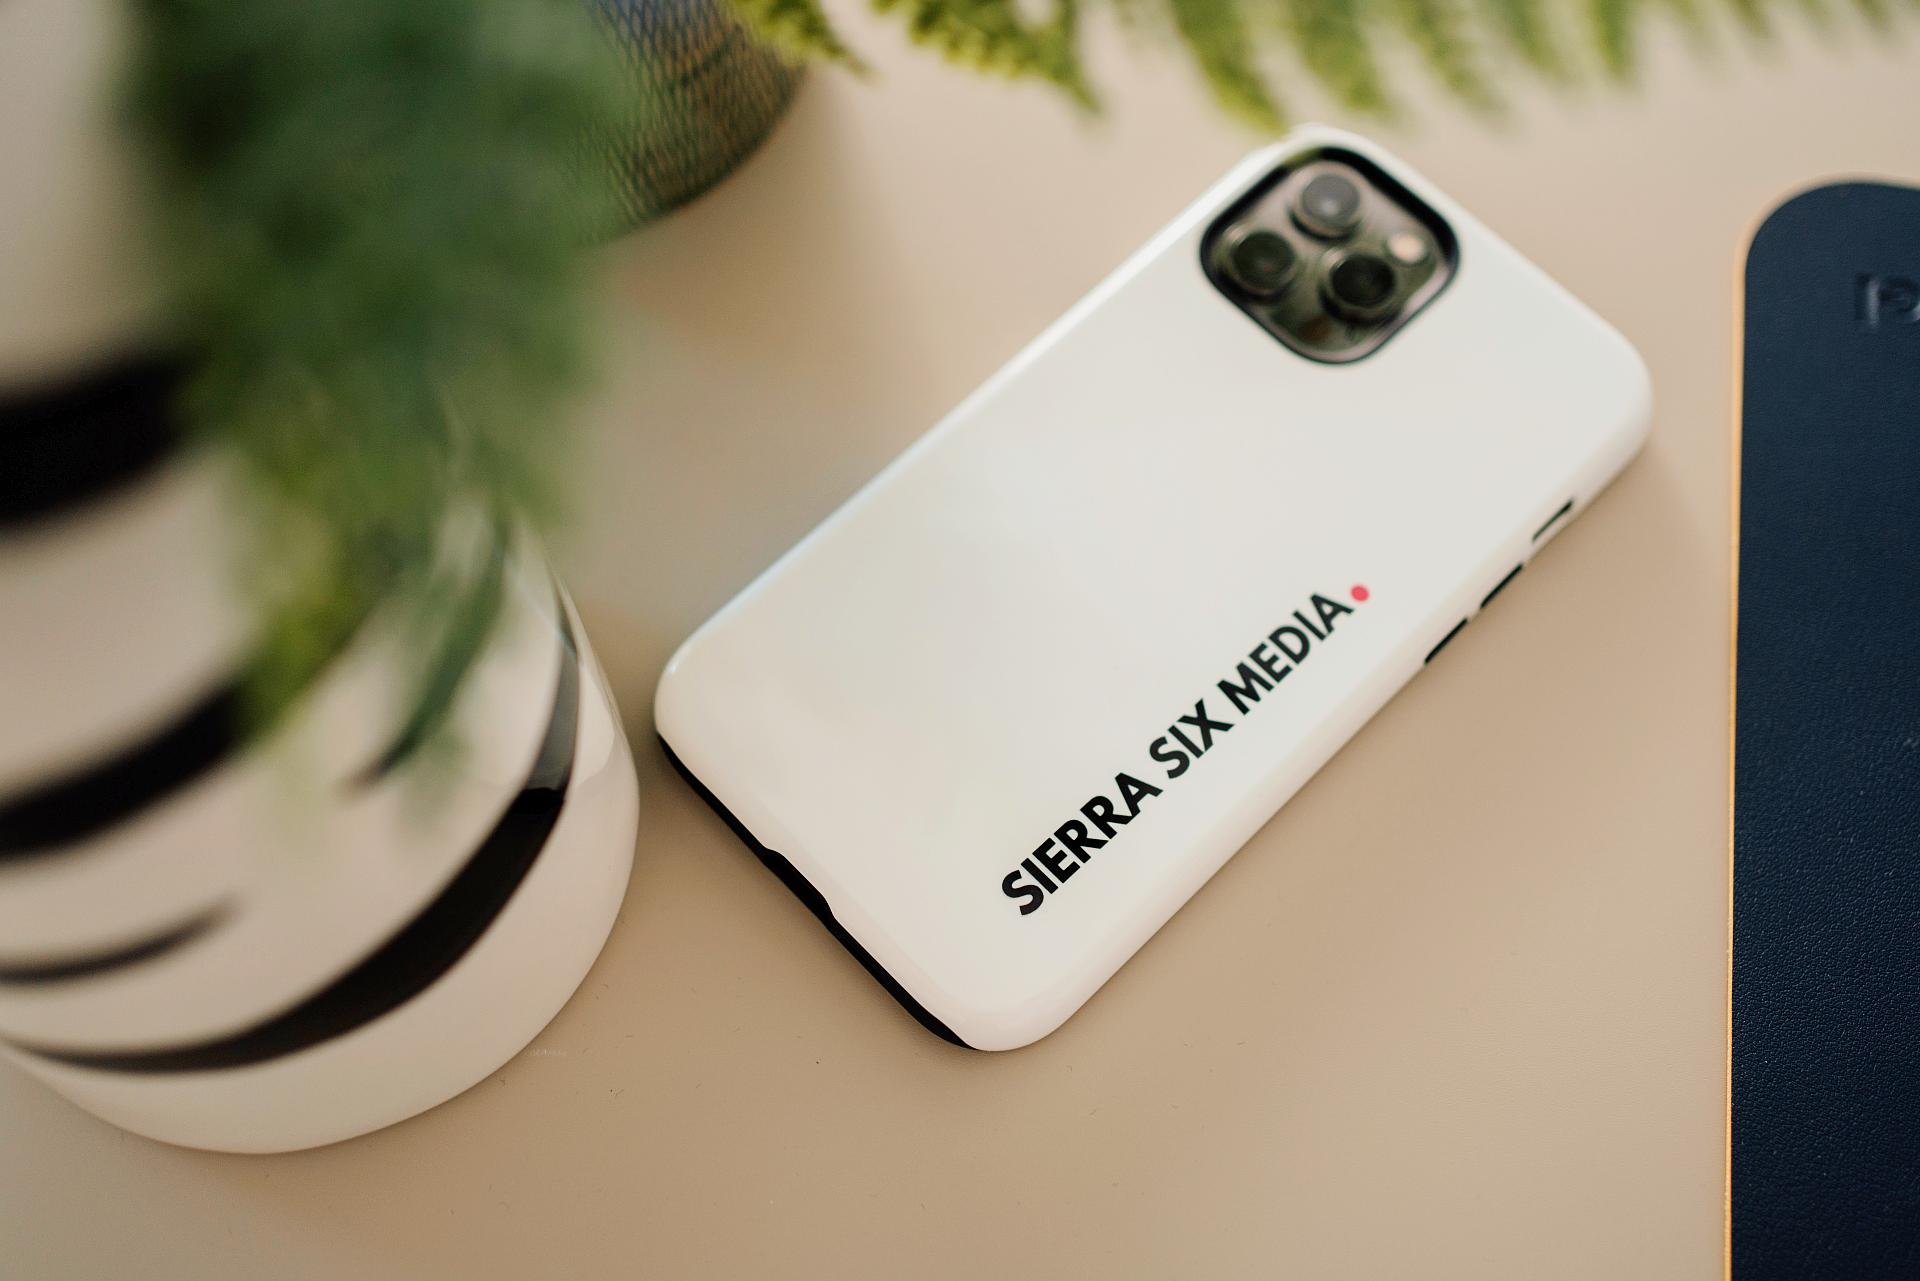 Sierra Six Media, SEO agency Essex, branding project.